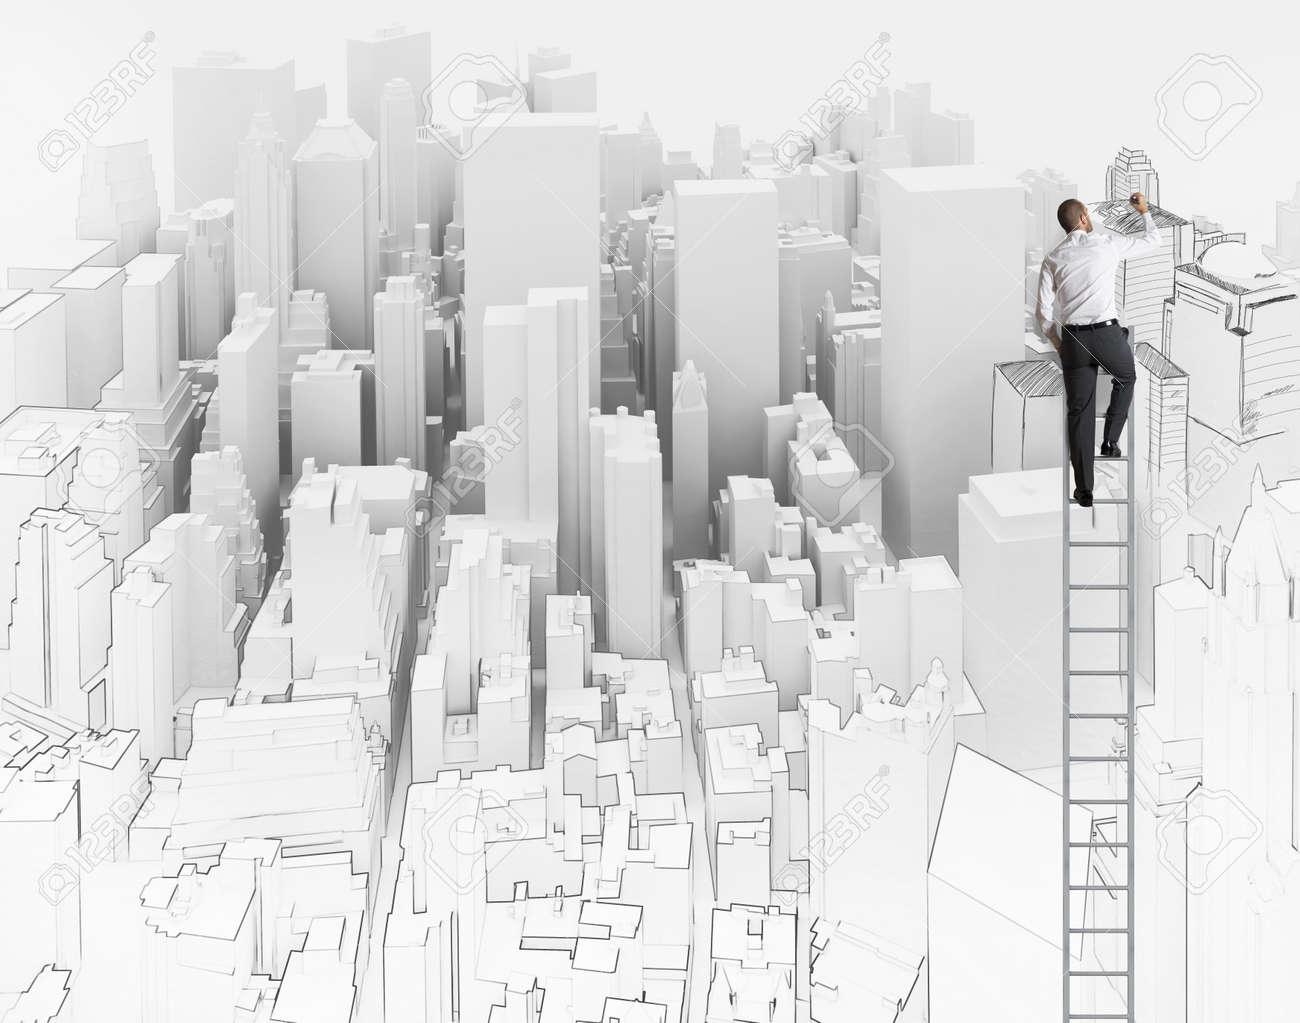 Stadt Und Buro Skizze Eines Architekten Lizenzfreie Fotos Bilder